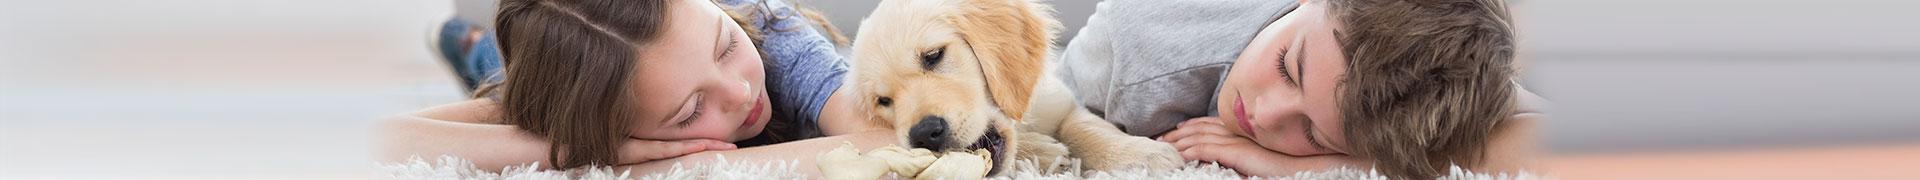 parasitos en perros y gatos que afectan al humano